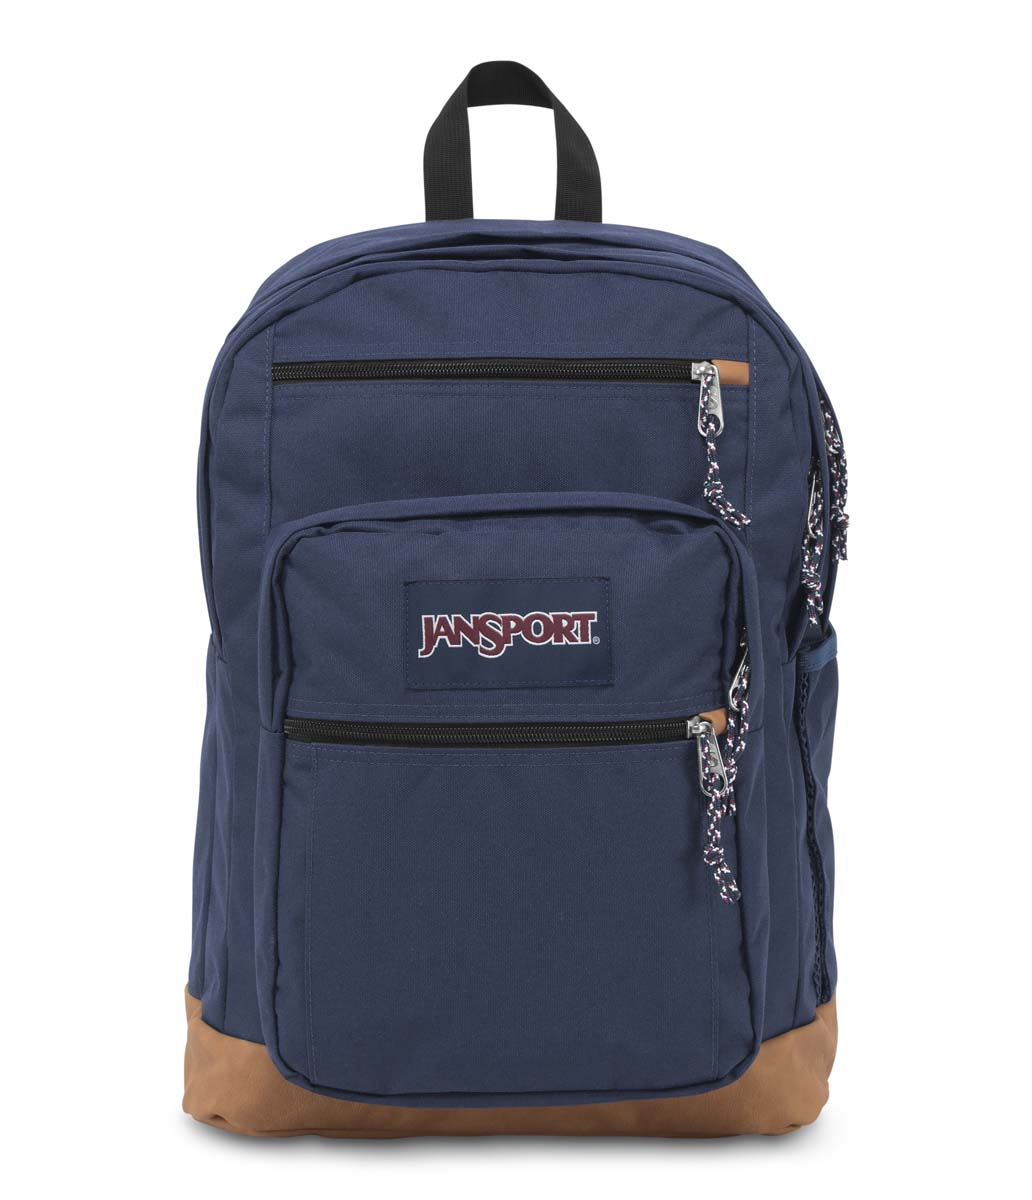 JanSport กระเป๋าเป้ รุ่น Cool Student - Navy